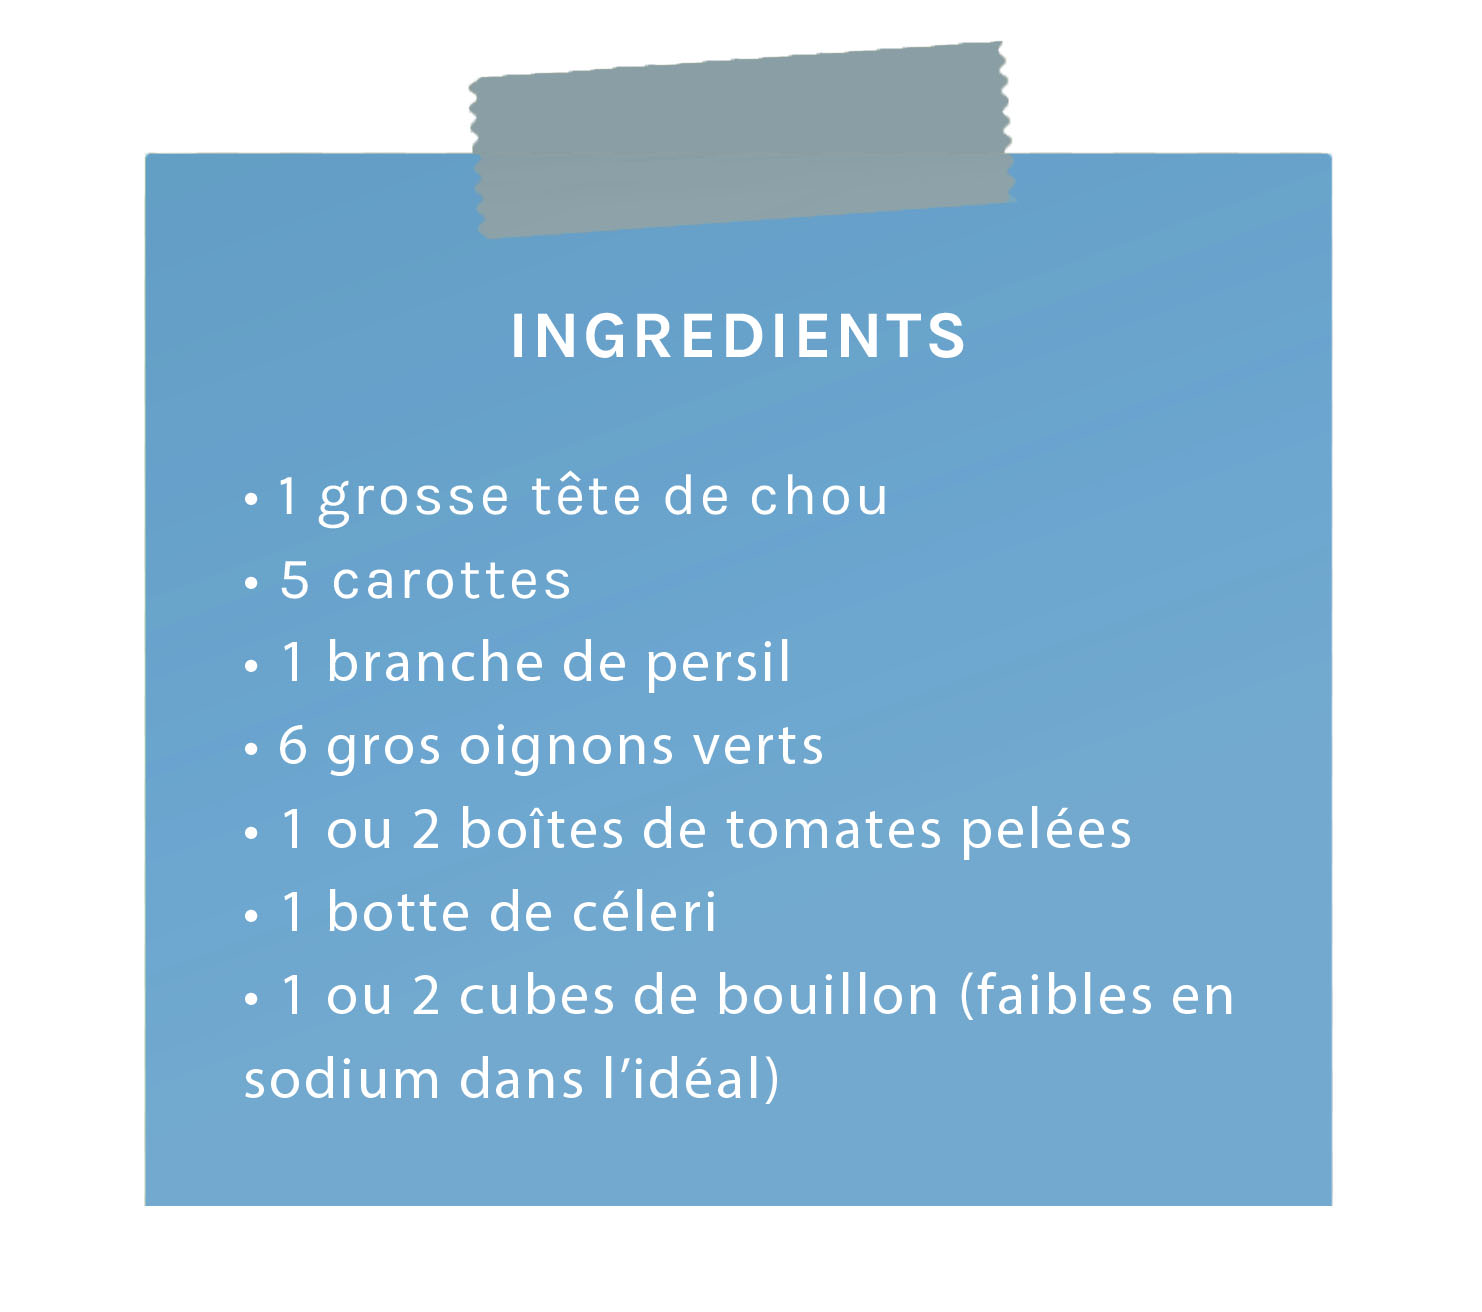 ingrédients soupe aux choux